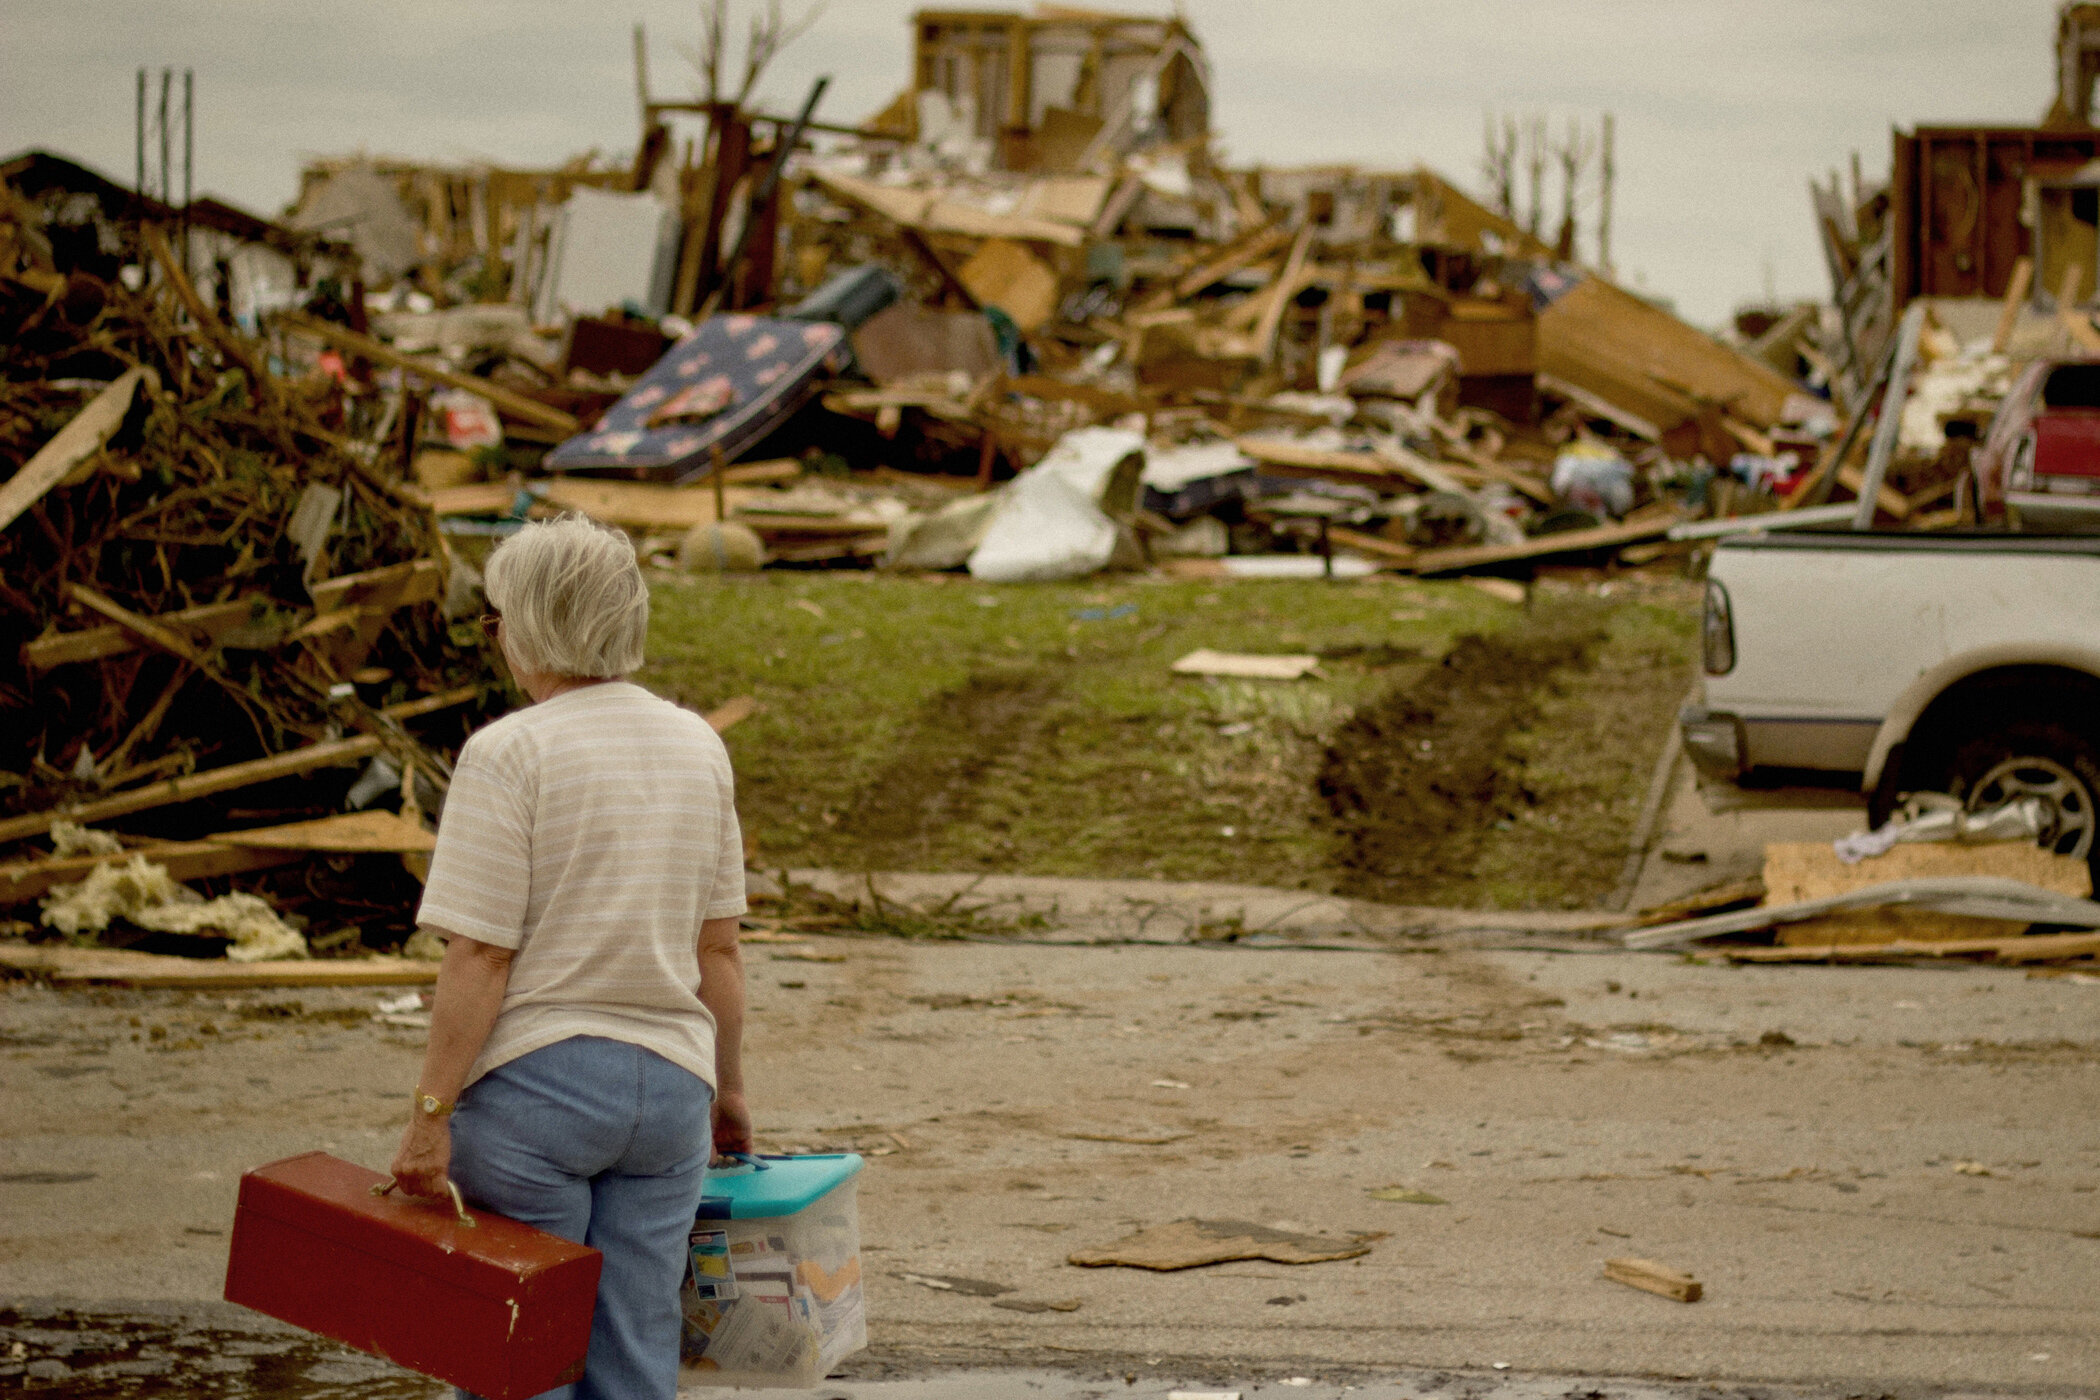 183-joplin-missouri-tornado.jpg